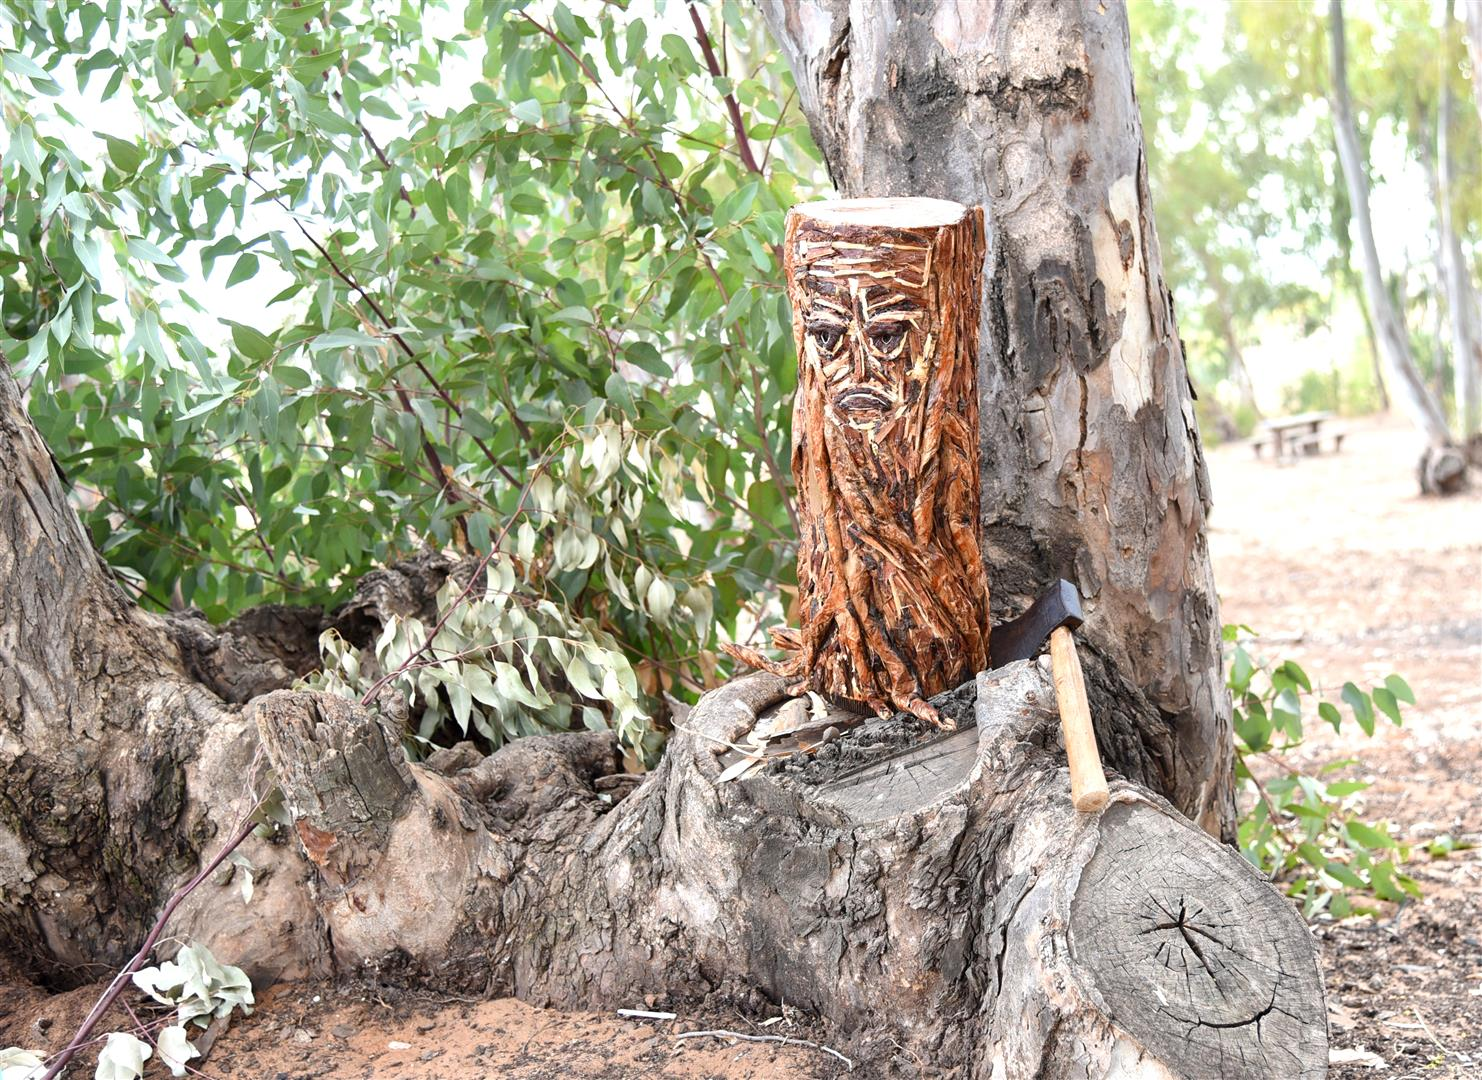 הגזע הכרות שמאחוריו עץ עם פנים עצובות - אמנות למען הטבע -eco art